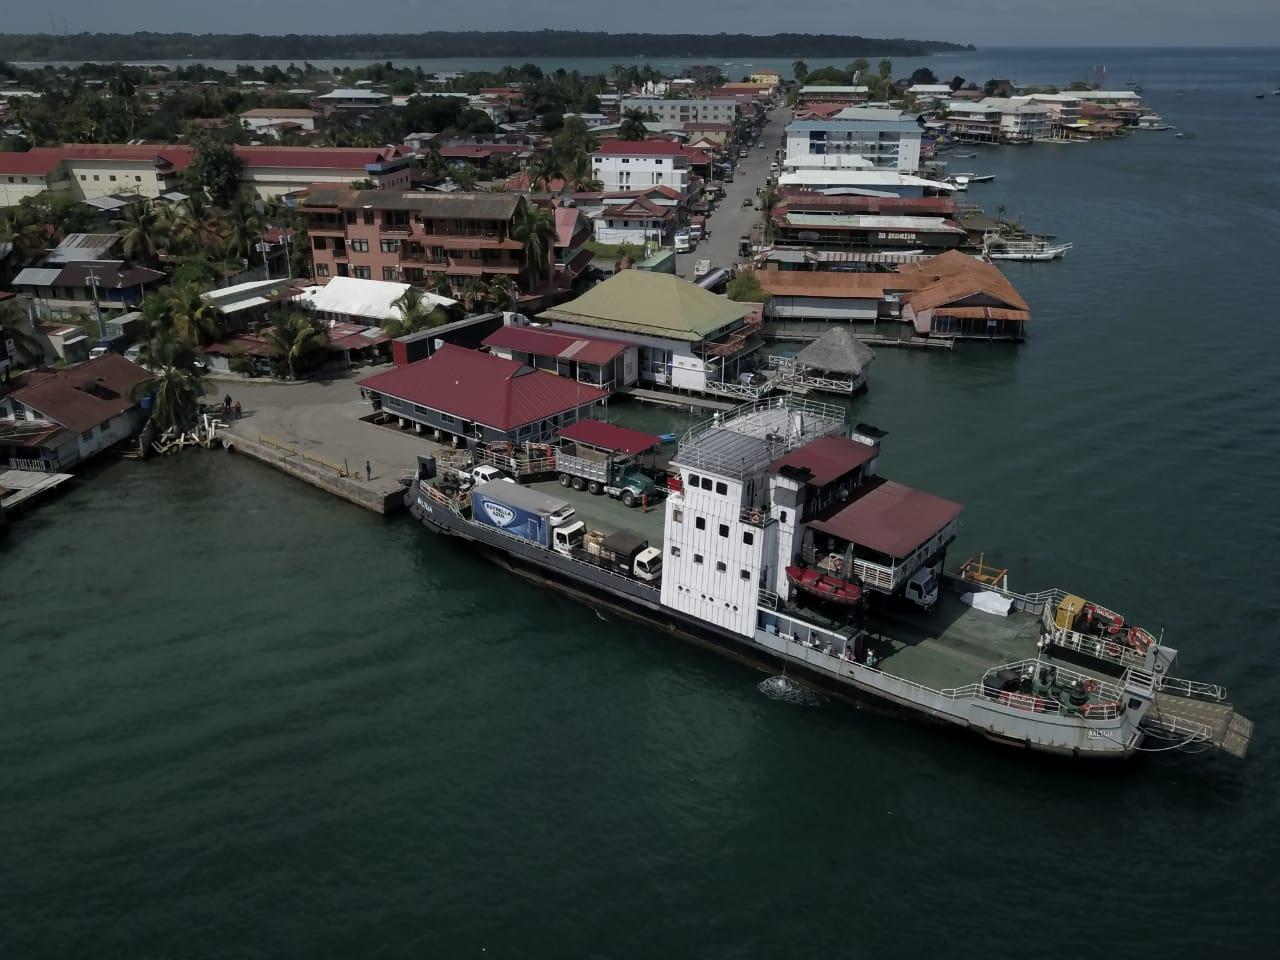 Conexiones regulares del ferry  entre Almirante e Isla Colón